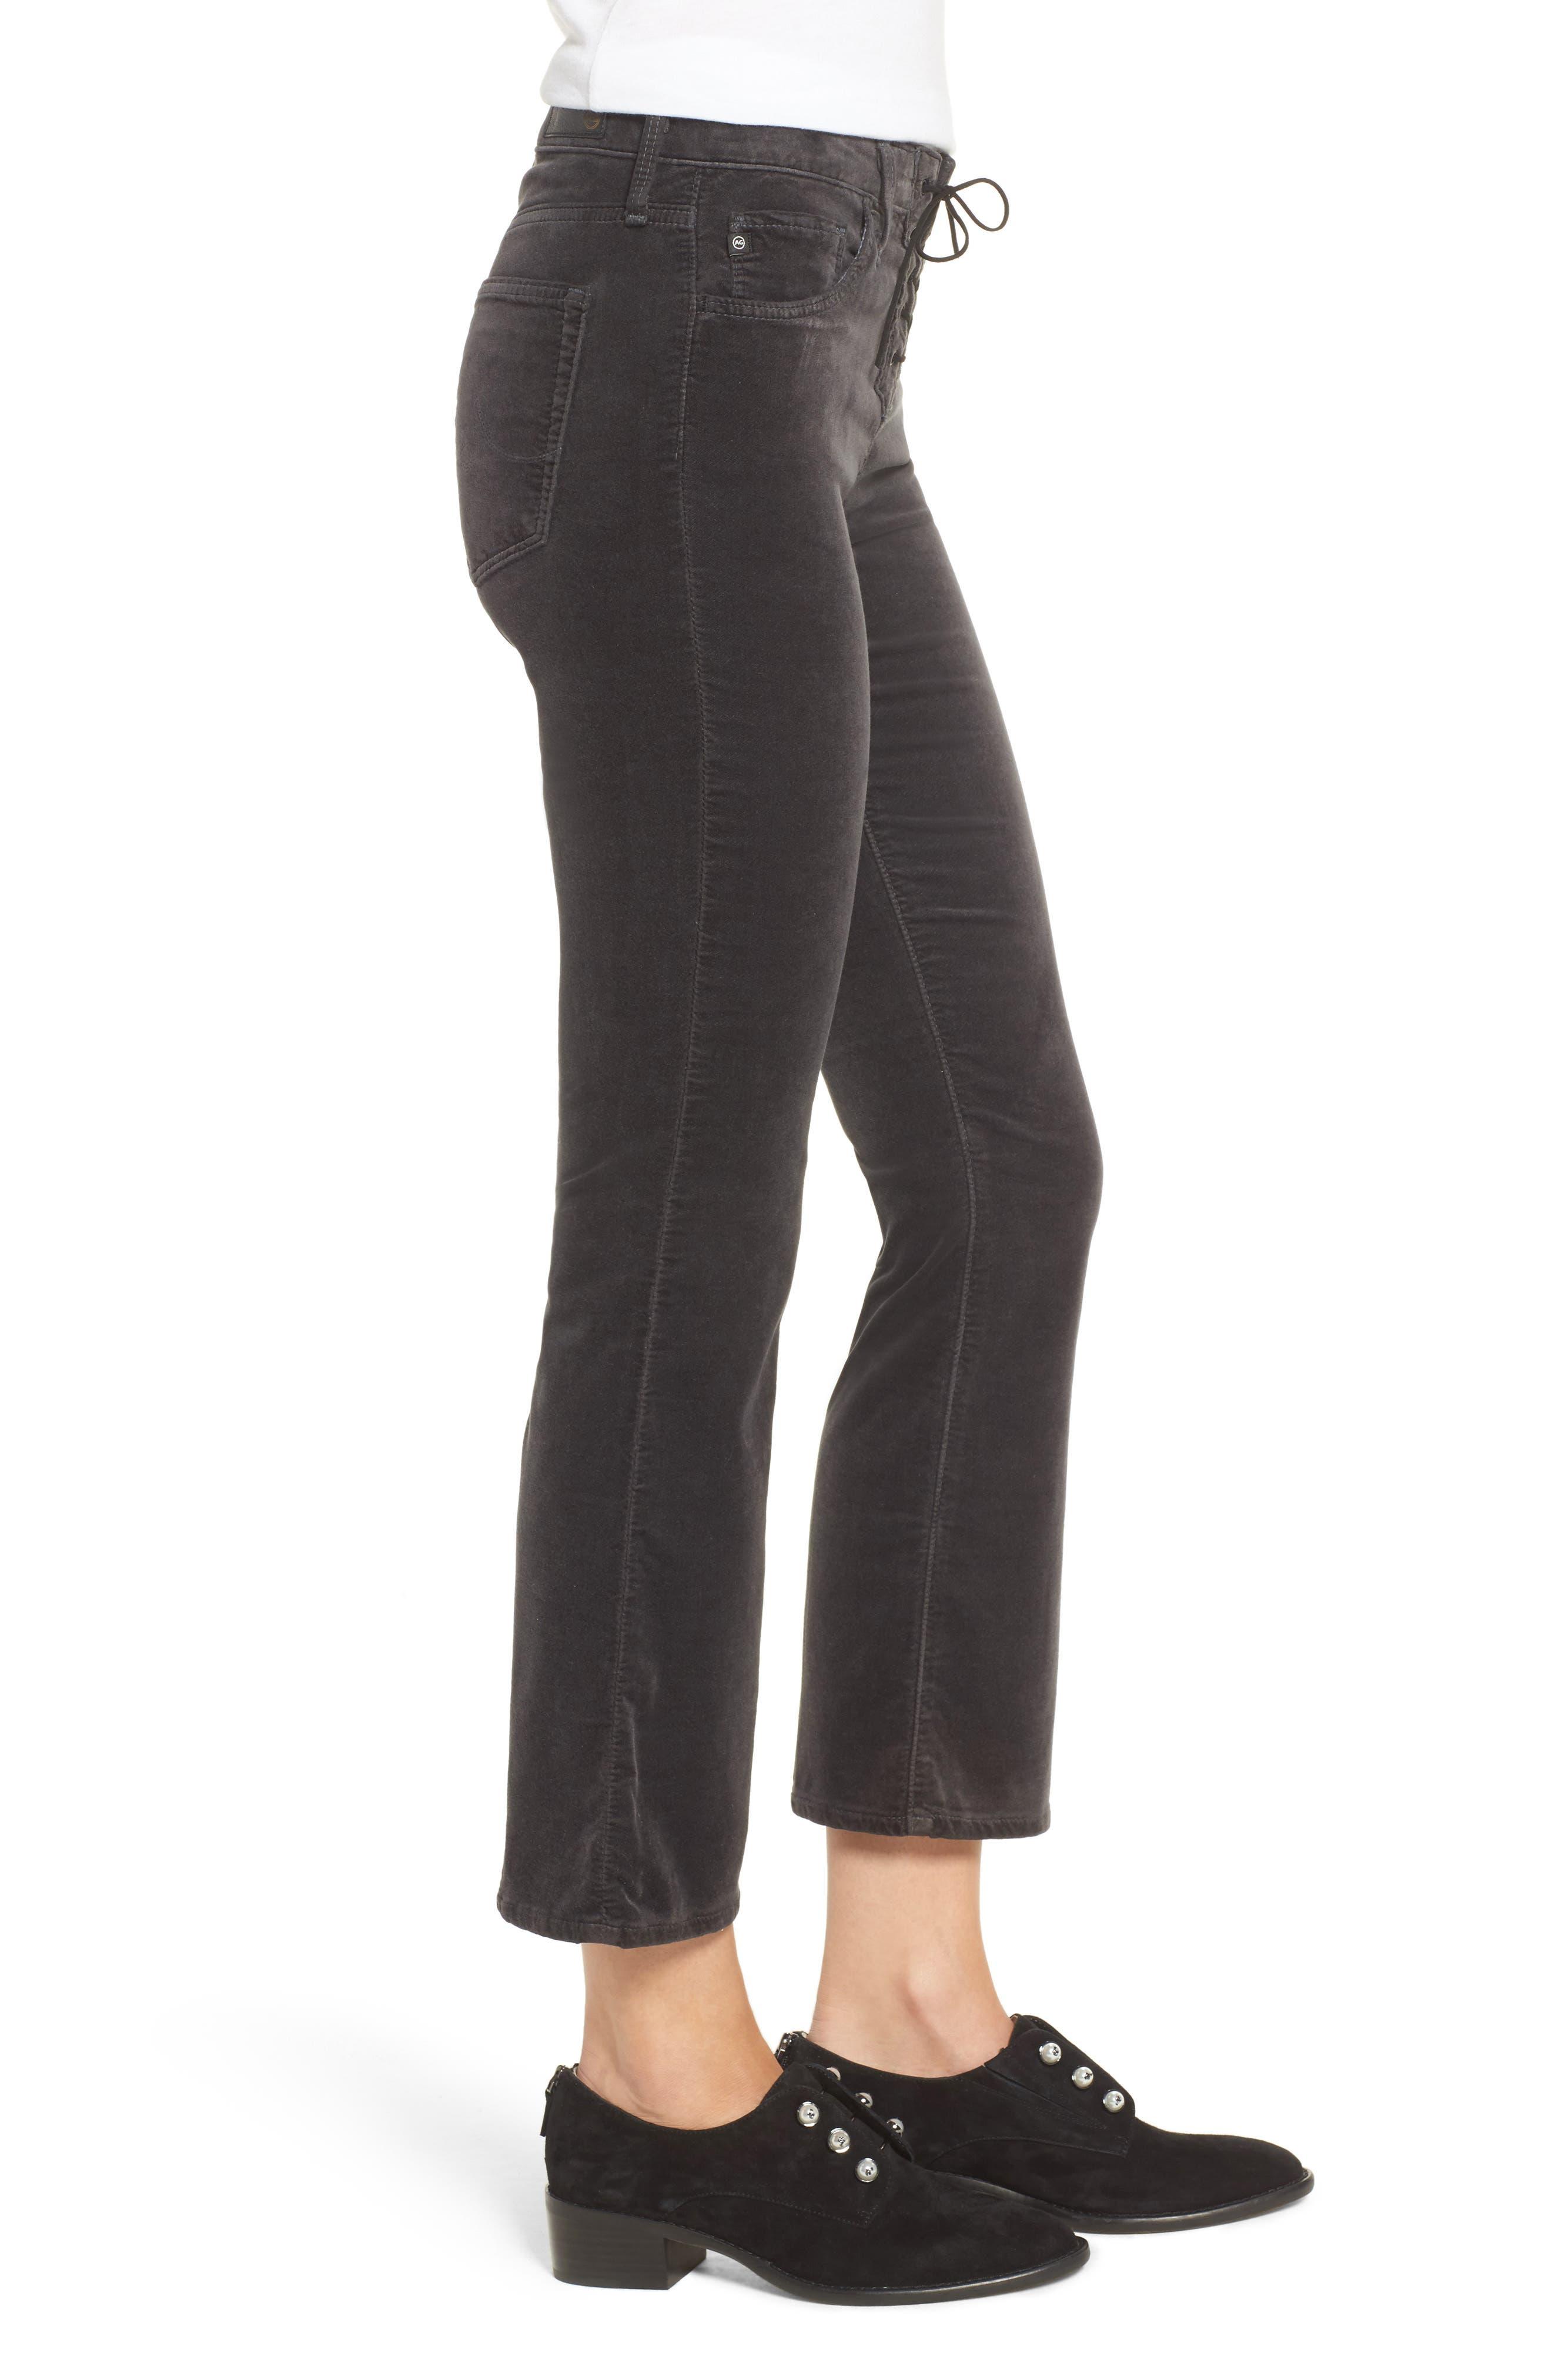 Jodi Lace-Up Crop Jeans,                             Alternate thumbnail 3, color,                             003